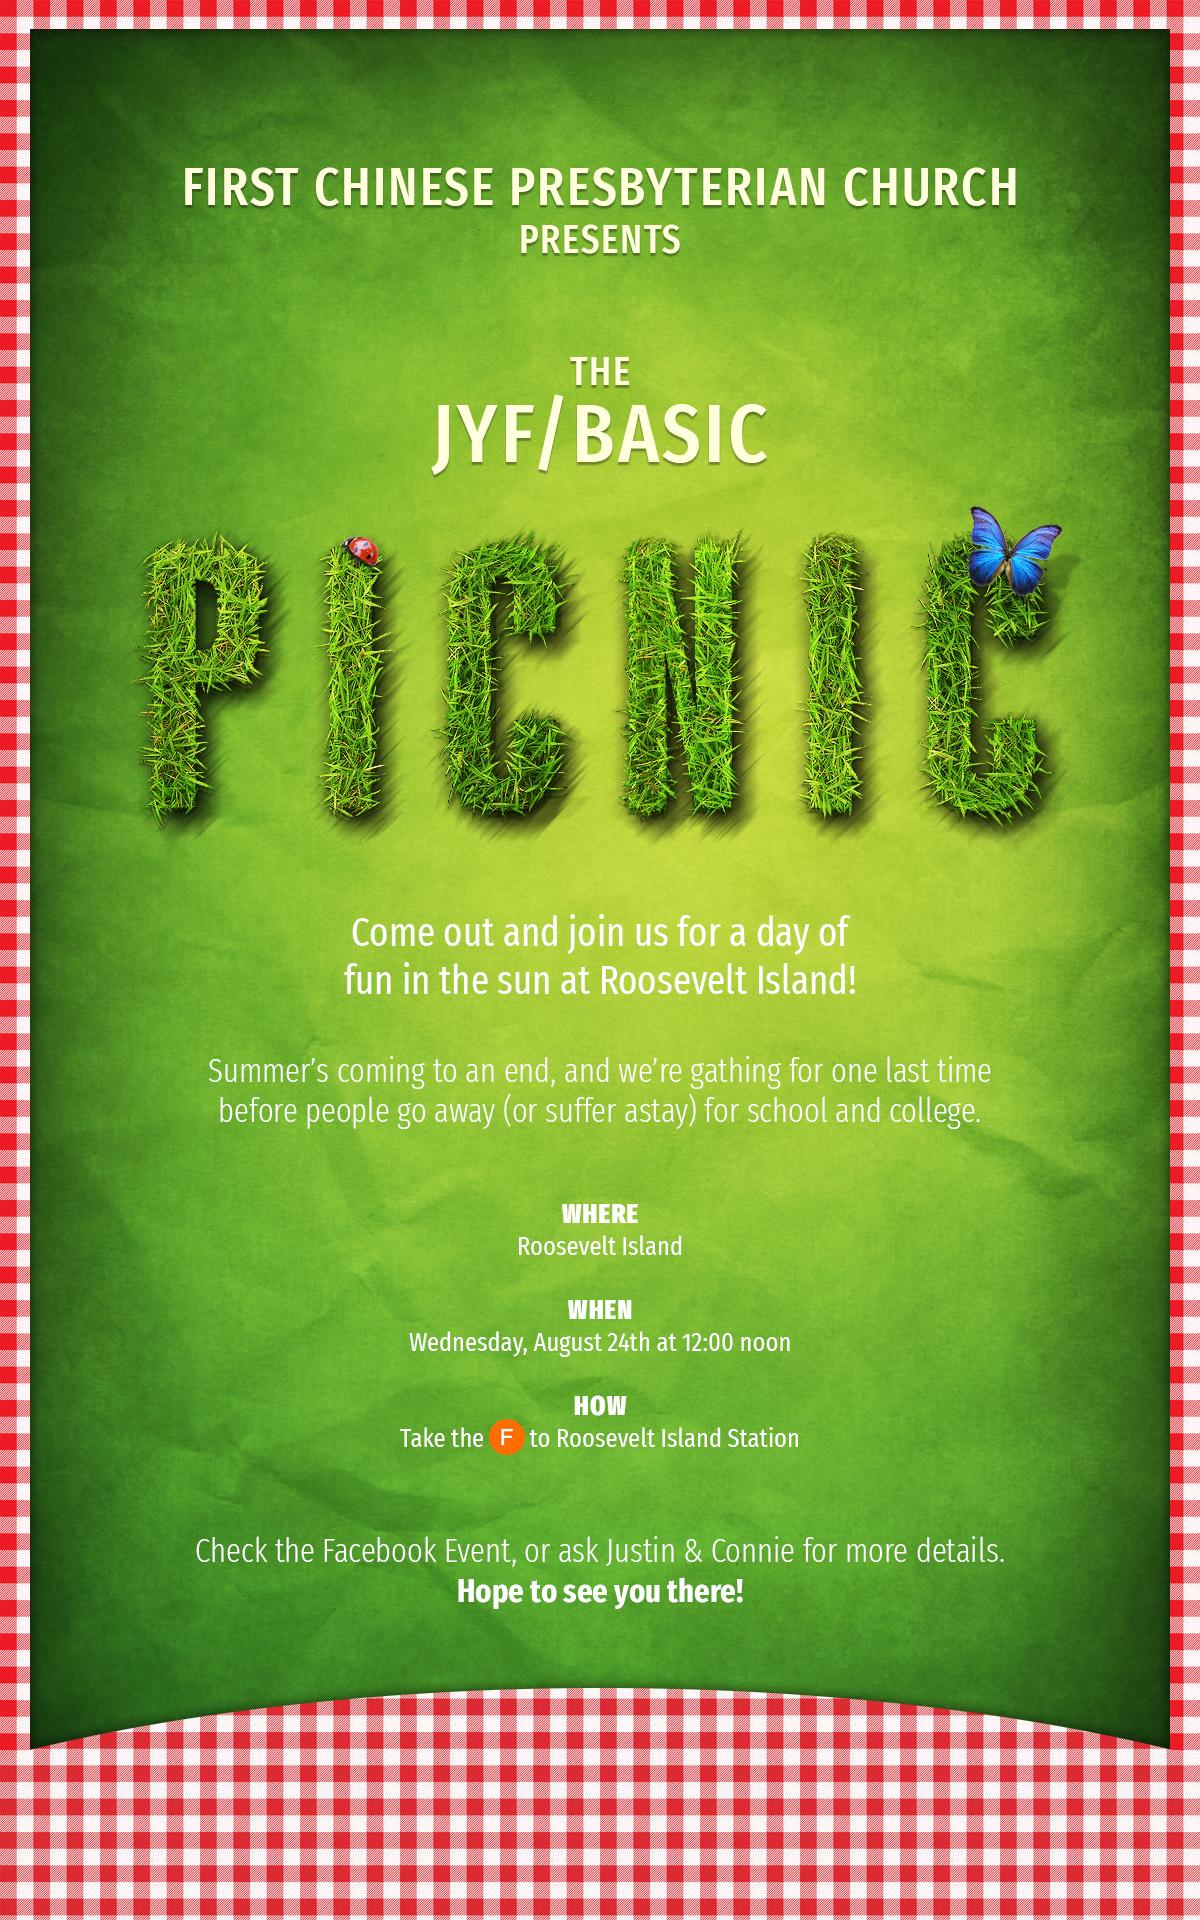 fcpc-picnic_full-poster.jpg